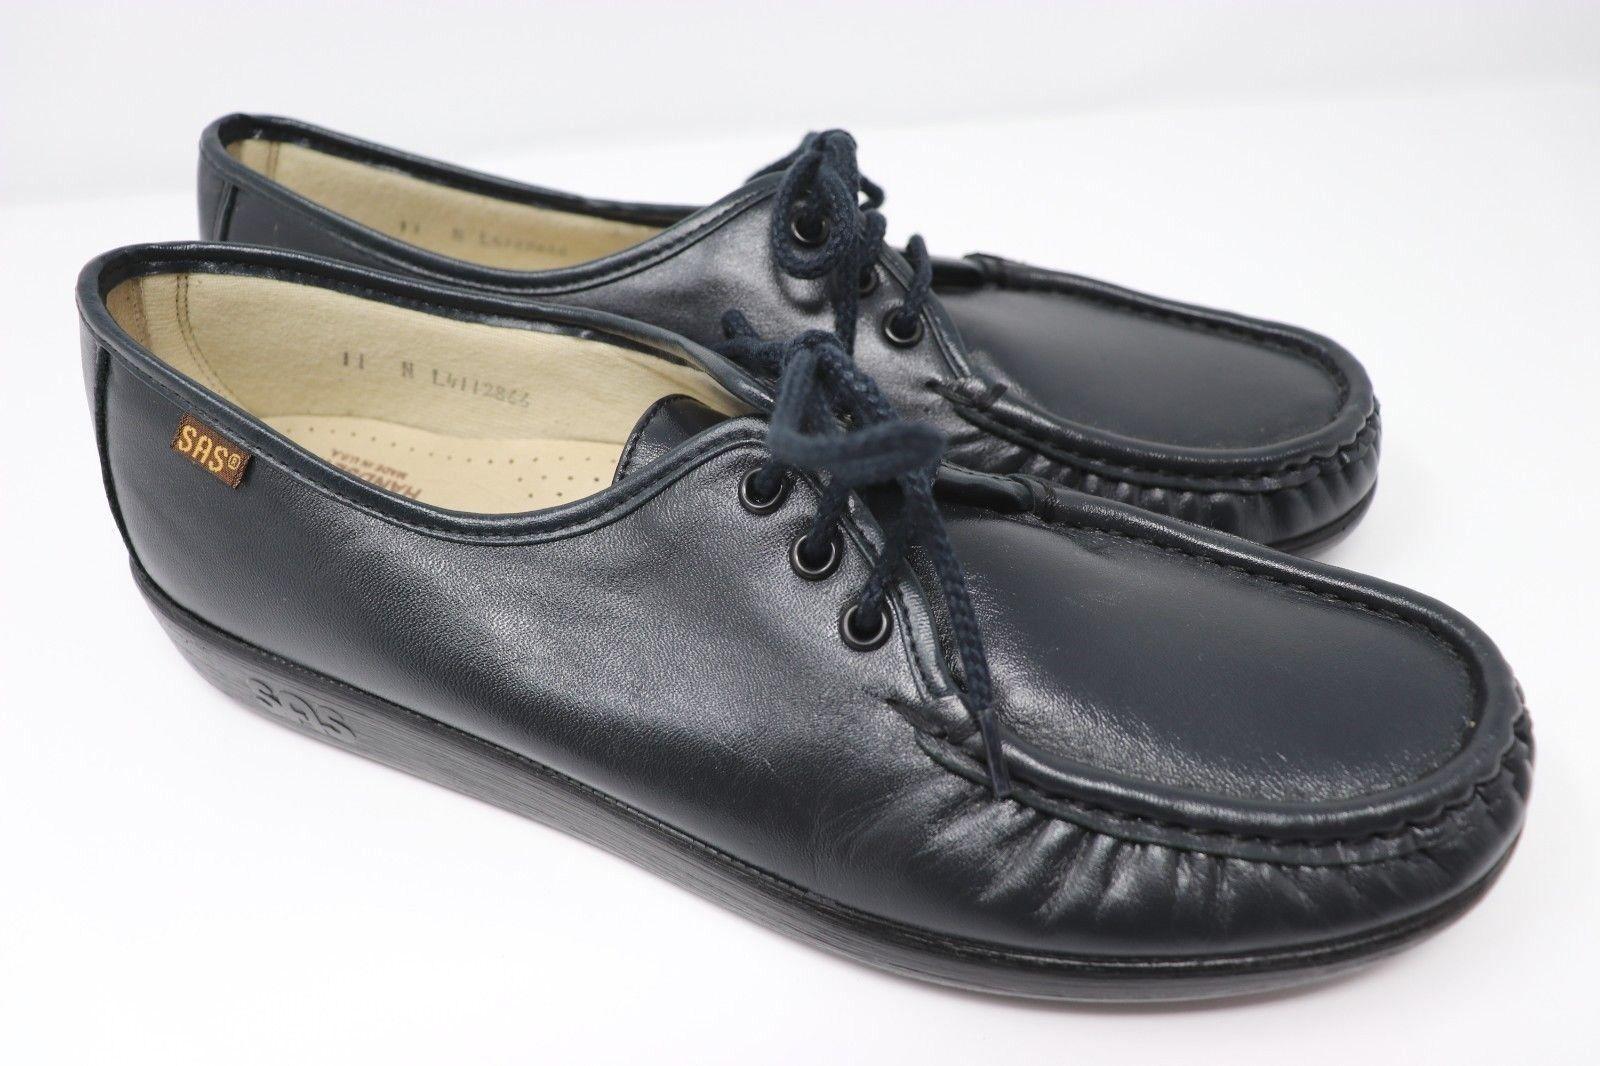 Servicio Aéreo Aéreo Aéreo Especial Zapatos para mujer Siesta Negro Talla 7 S Slim Estrecha comodidad hechos en EE. UU.  129 venta al por menor  hasta un 65% de descuento